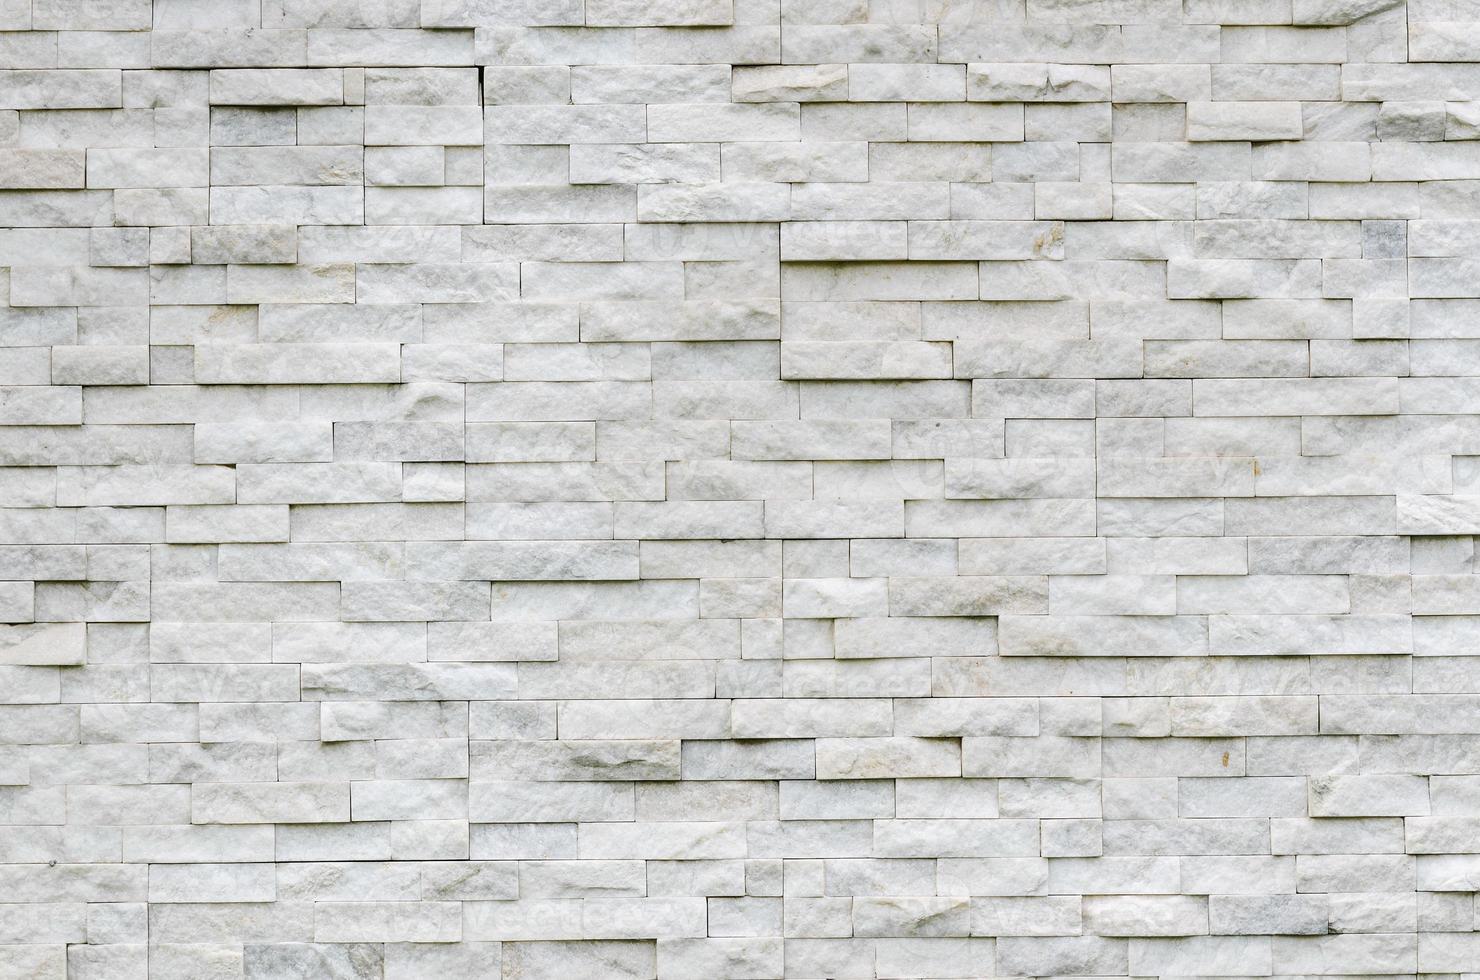 patrón moderno de muro de piedra real foto